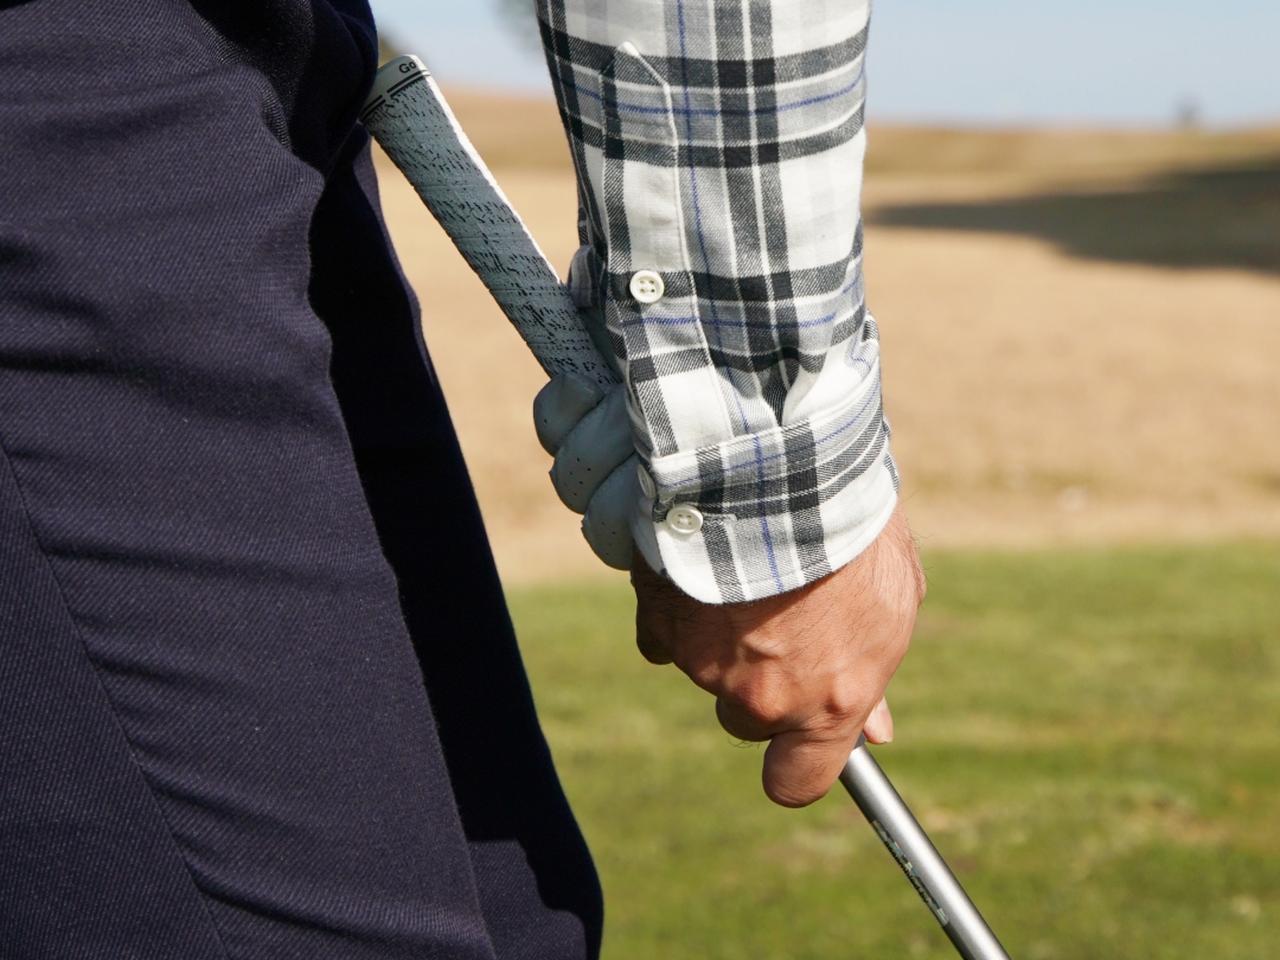 画像: シャフトギリギリの握り。短くなりすぎてボールに届かないのではという不安を感じながらのスウィングに